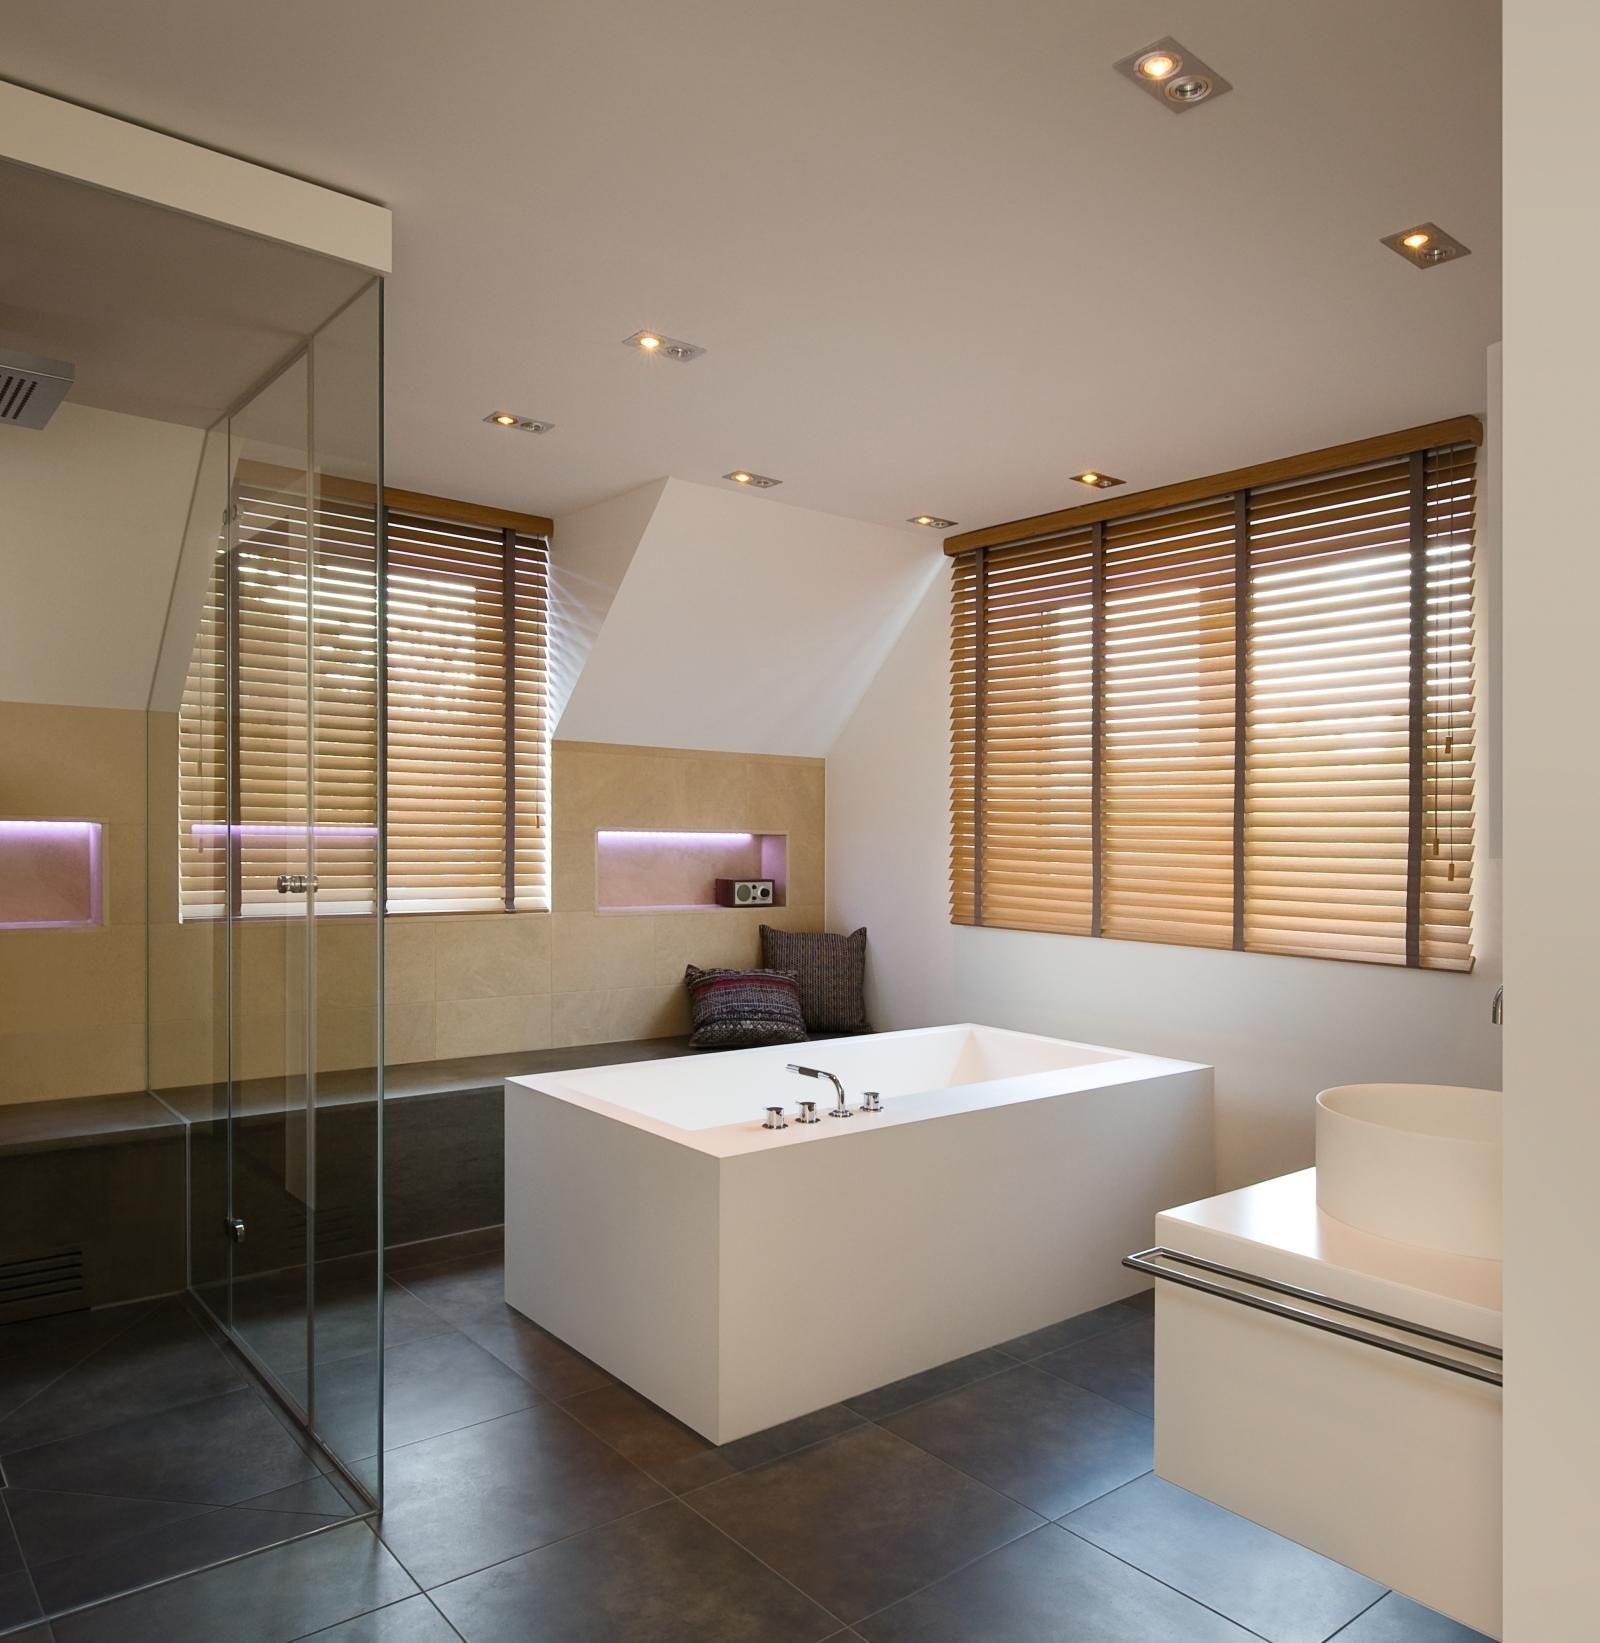 Badezimmer Renovieren Lorrach Single Schlafzimmer Badezimmer Erneuern Badezimmer Renovieren Badezimmer